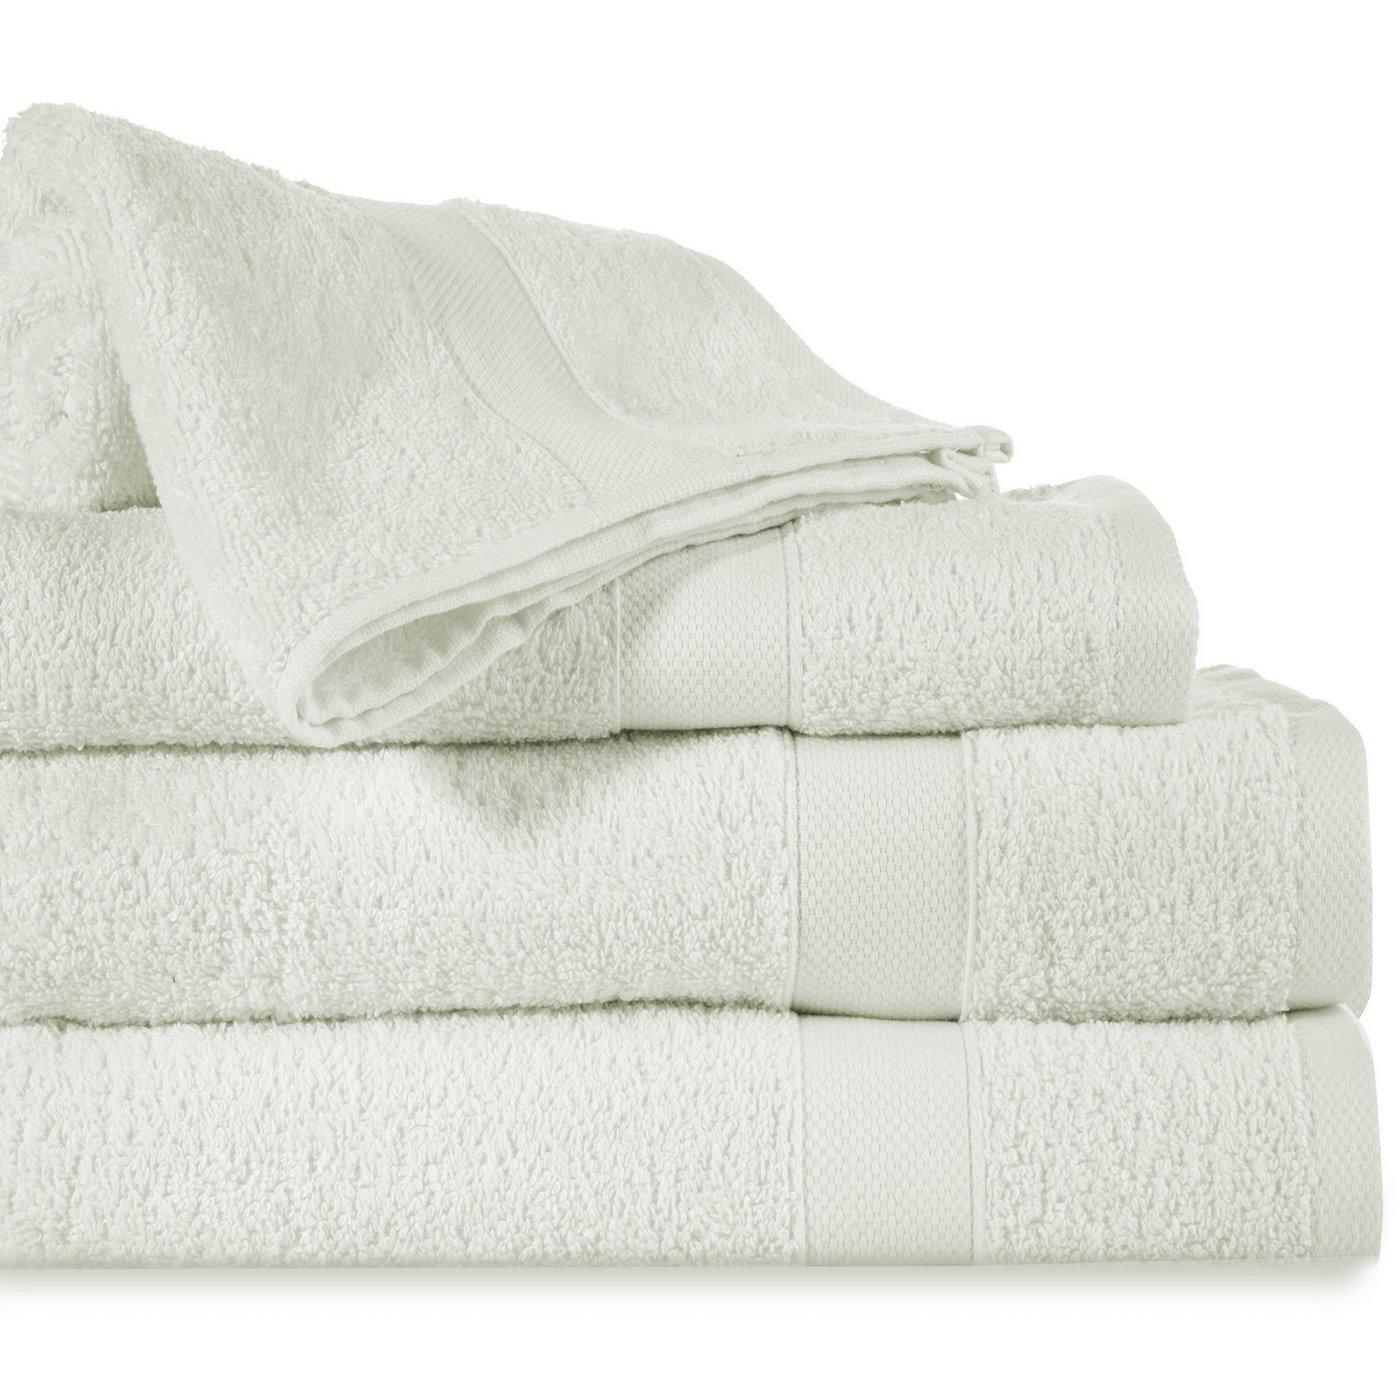 Miękki chłonny ręcznik kąpielowy kremowy 50x90